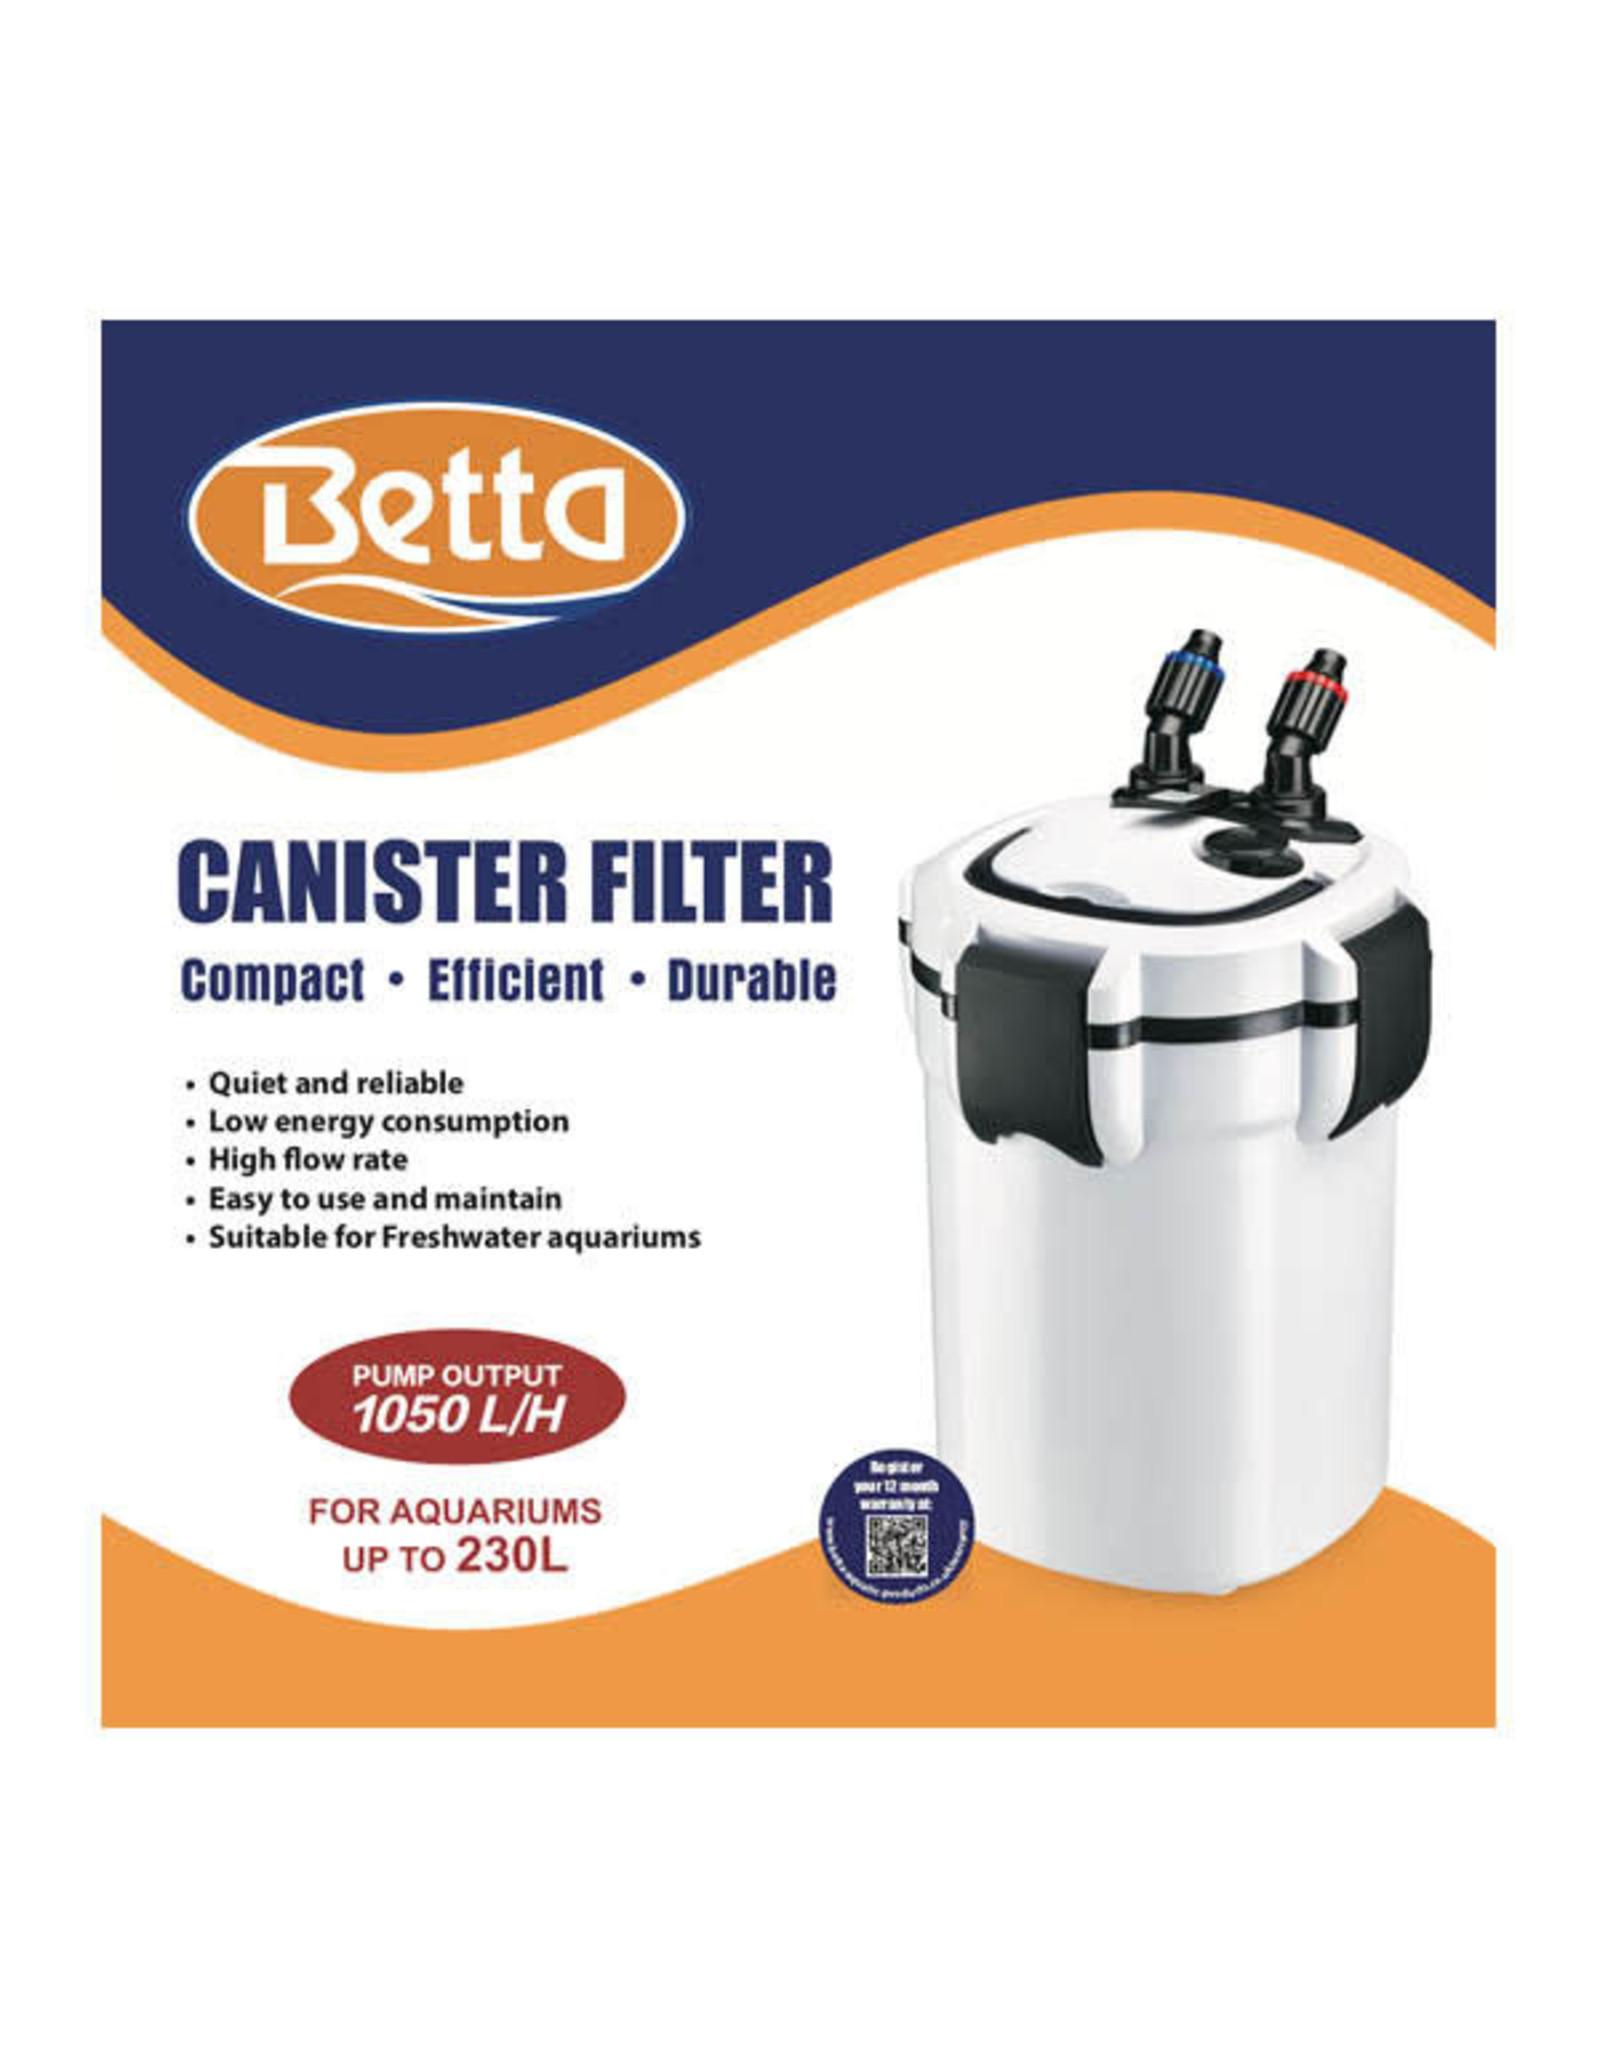 Betta Betta 1050 External Canister Filter